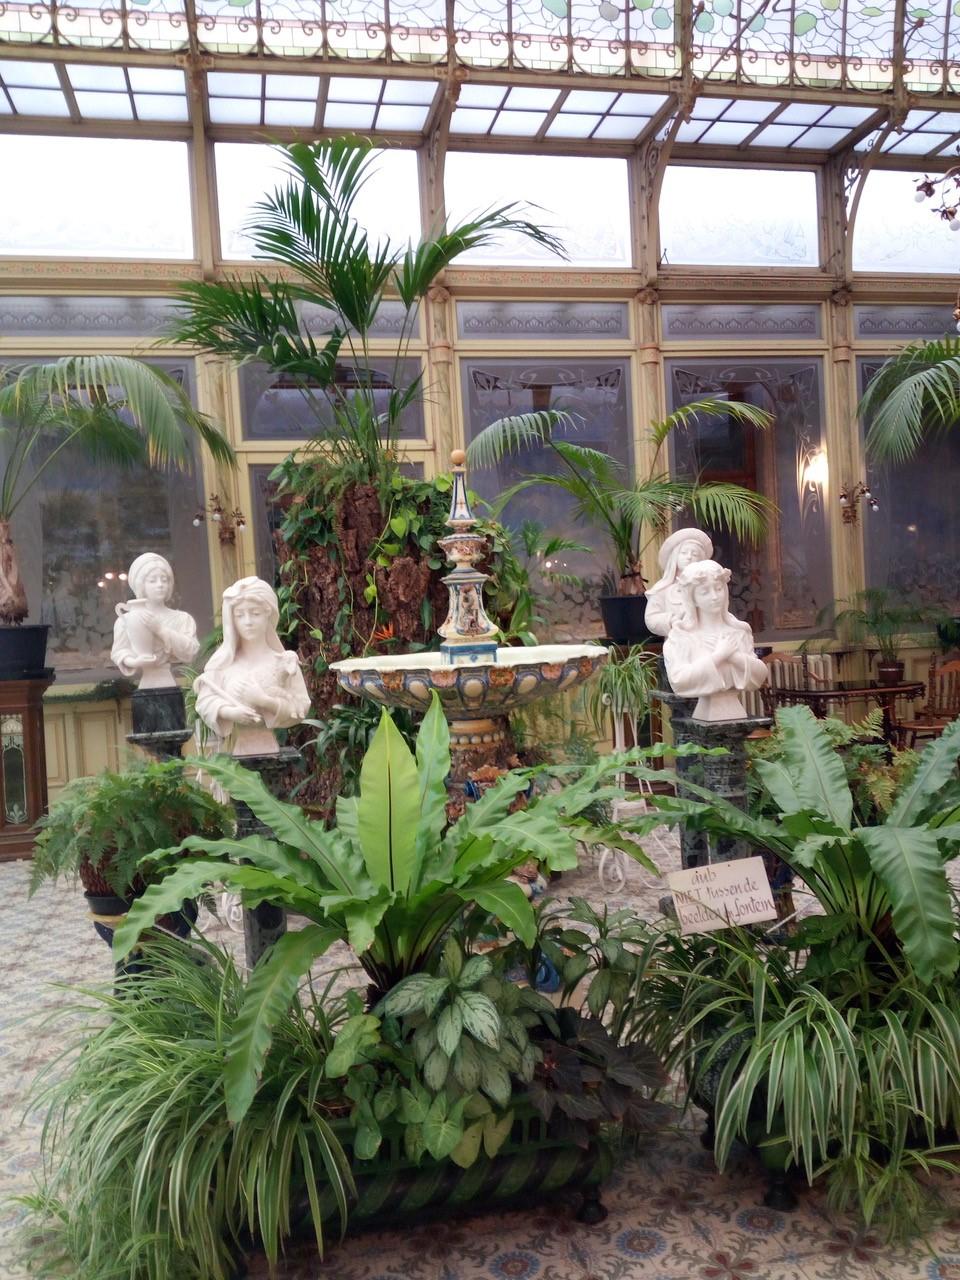 We bewonderden de unieke wintertuin van het klooster van O.L.Vrouw-Waver. © Dina Deygers